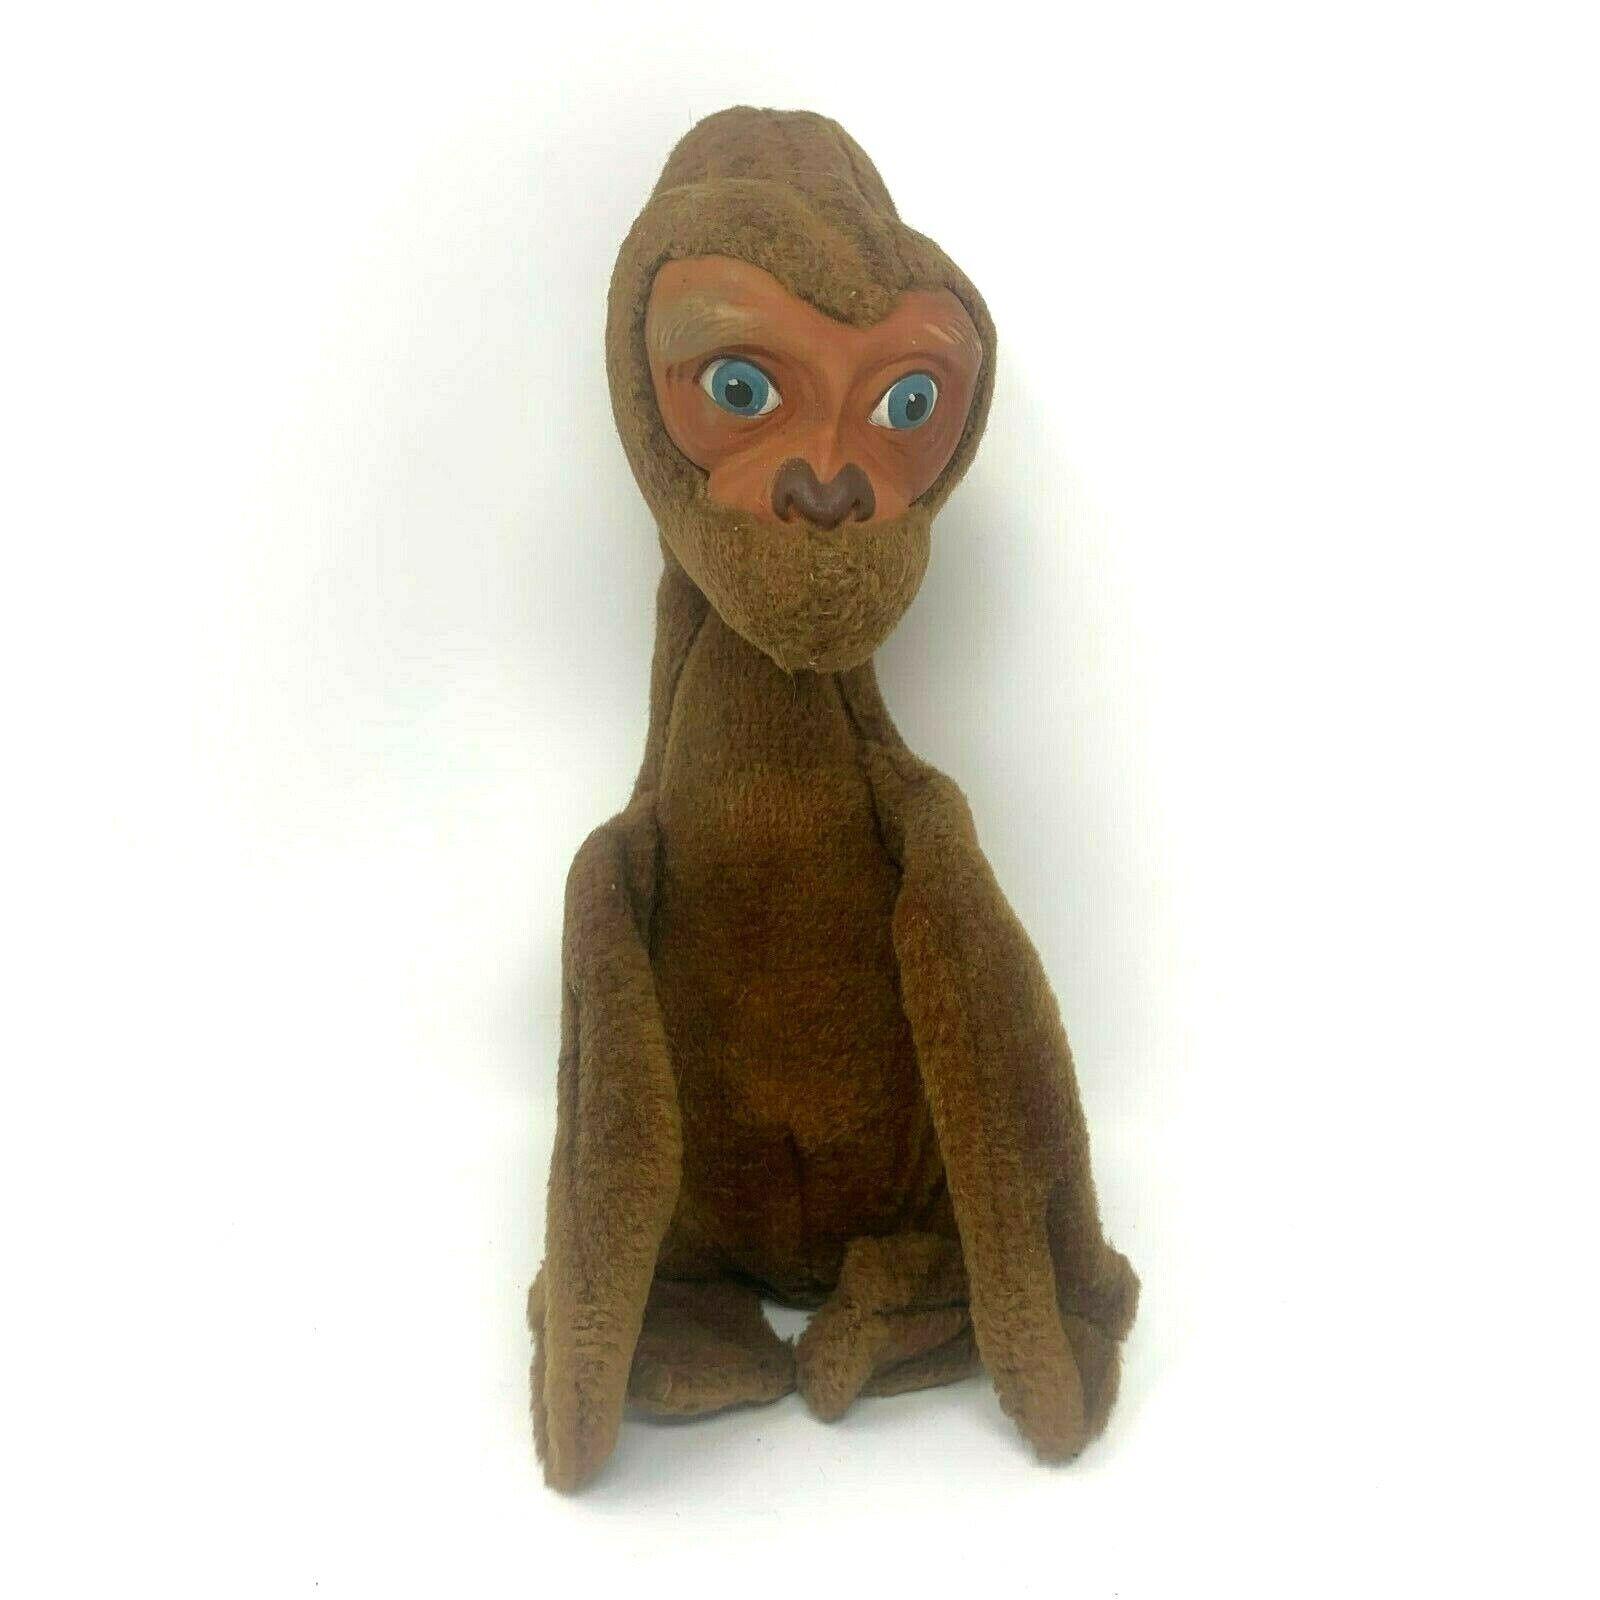 ET The Extra Terrestrial Vintage 1982 Rushton Plush RARE 14  Stuffed Animal Toy